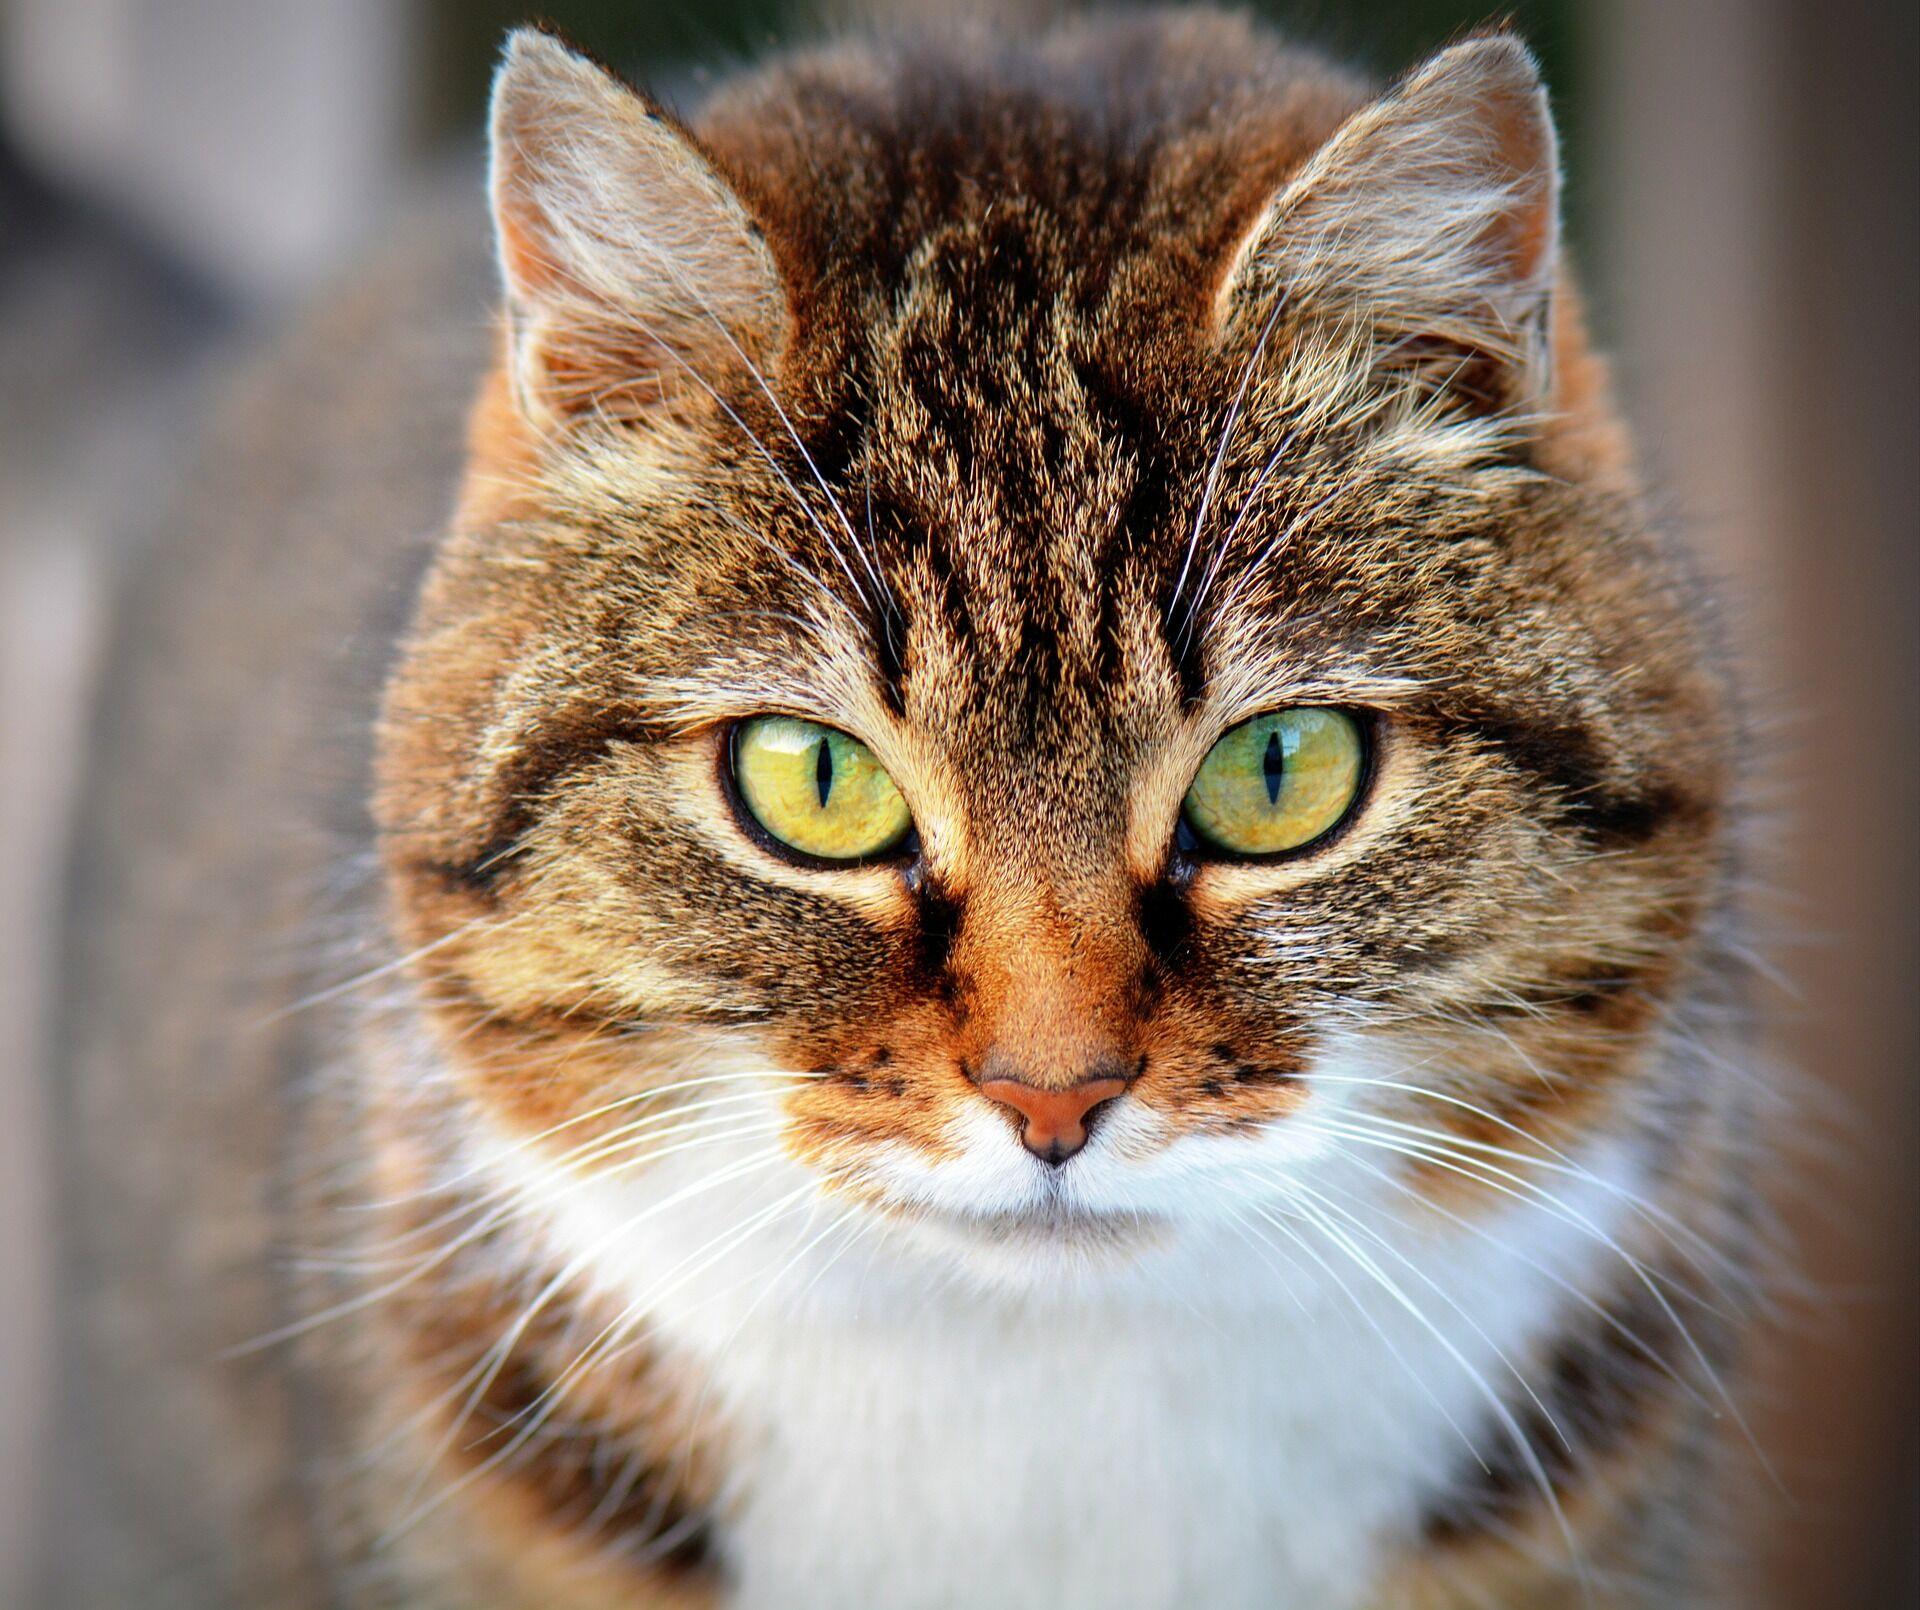 День кошки 22 февраля: кто и где его отмечает, картинки для поздравлений